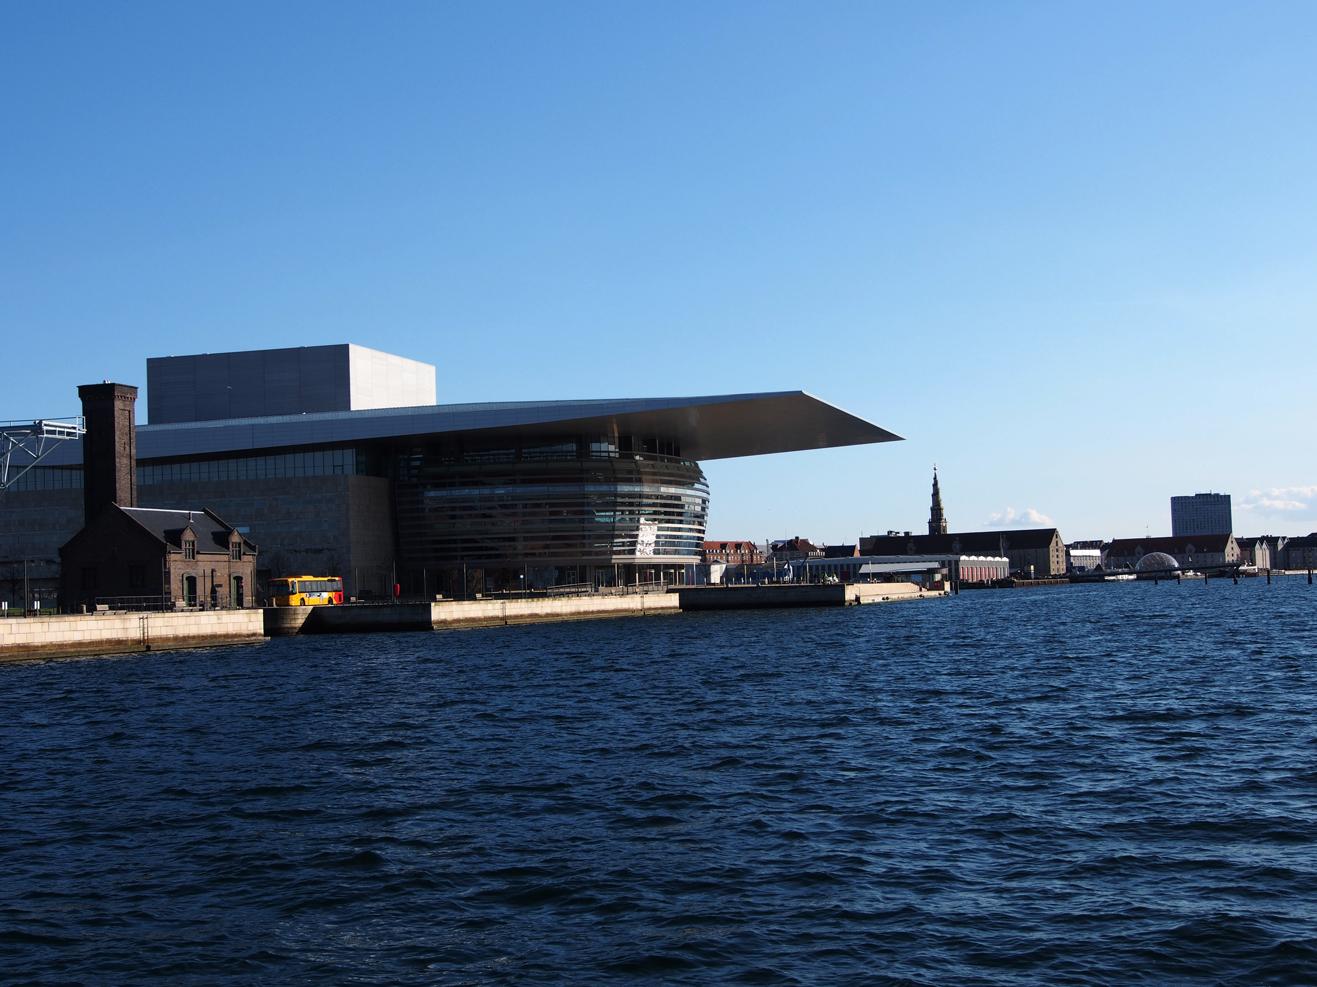 デンマーク王立図書館/Schmidt,Hammer&Lassen